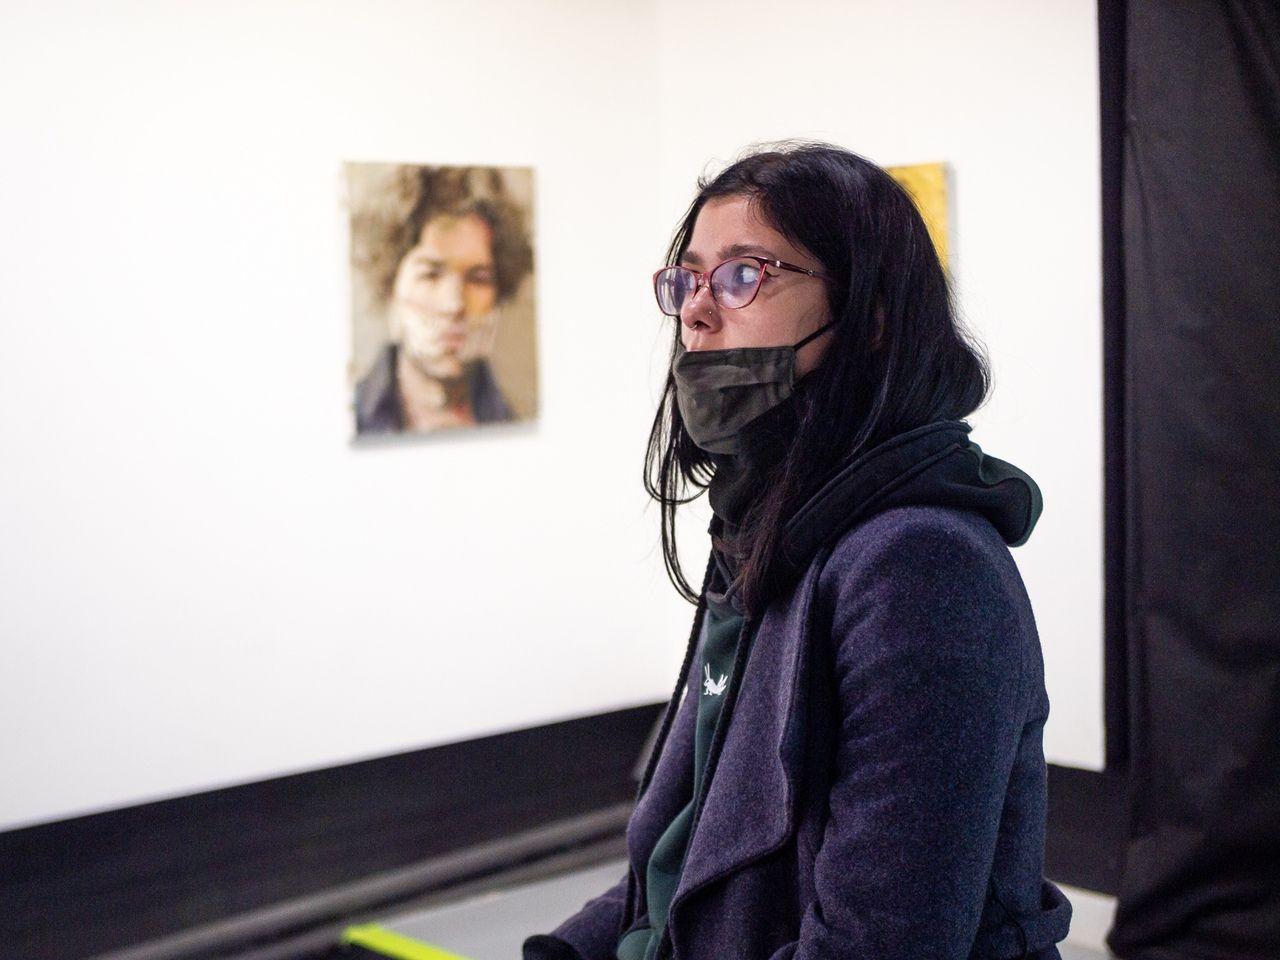 На выставке Евгении Шадриной-Шестаковой репортаж выставка галерея портреты девушка